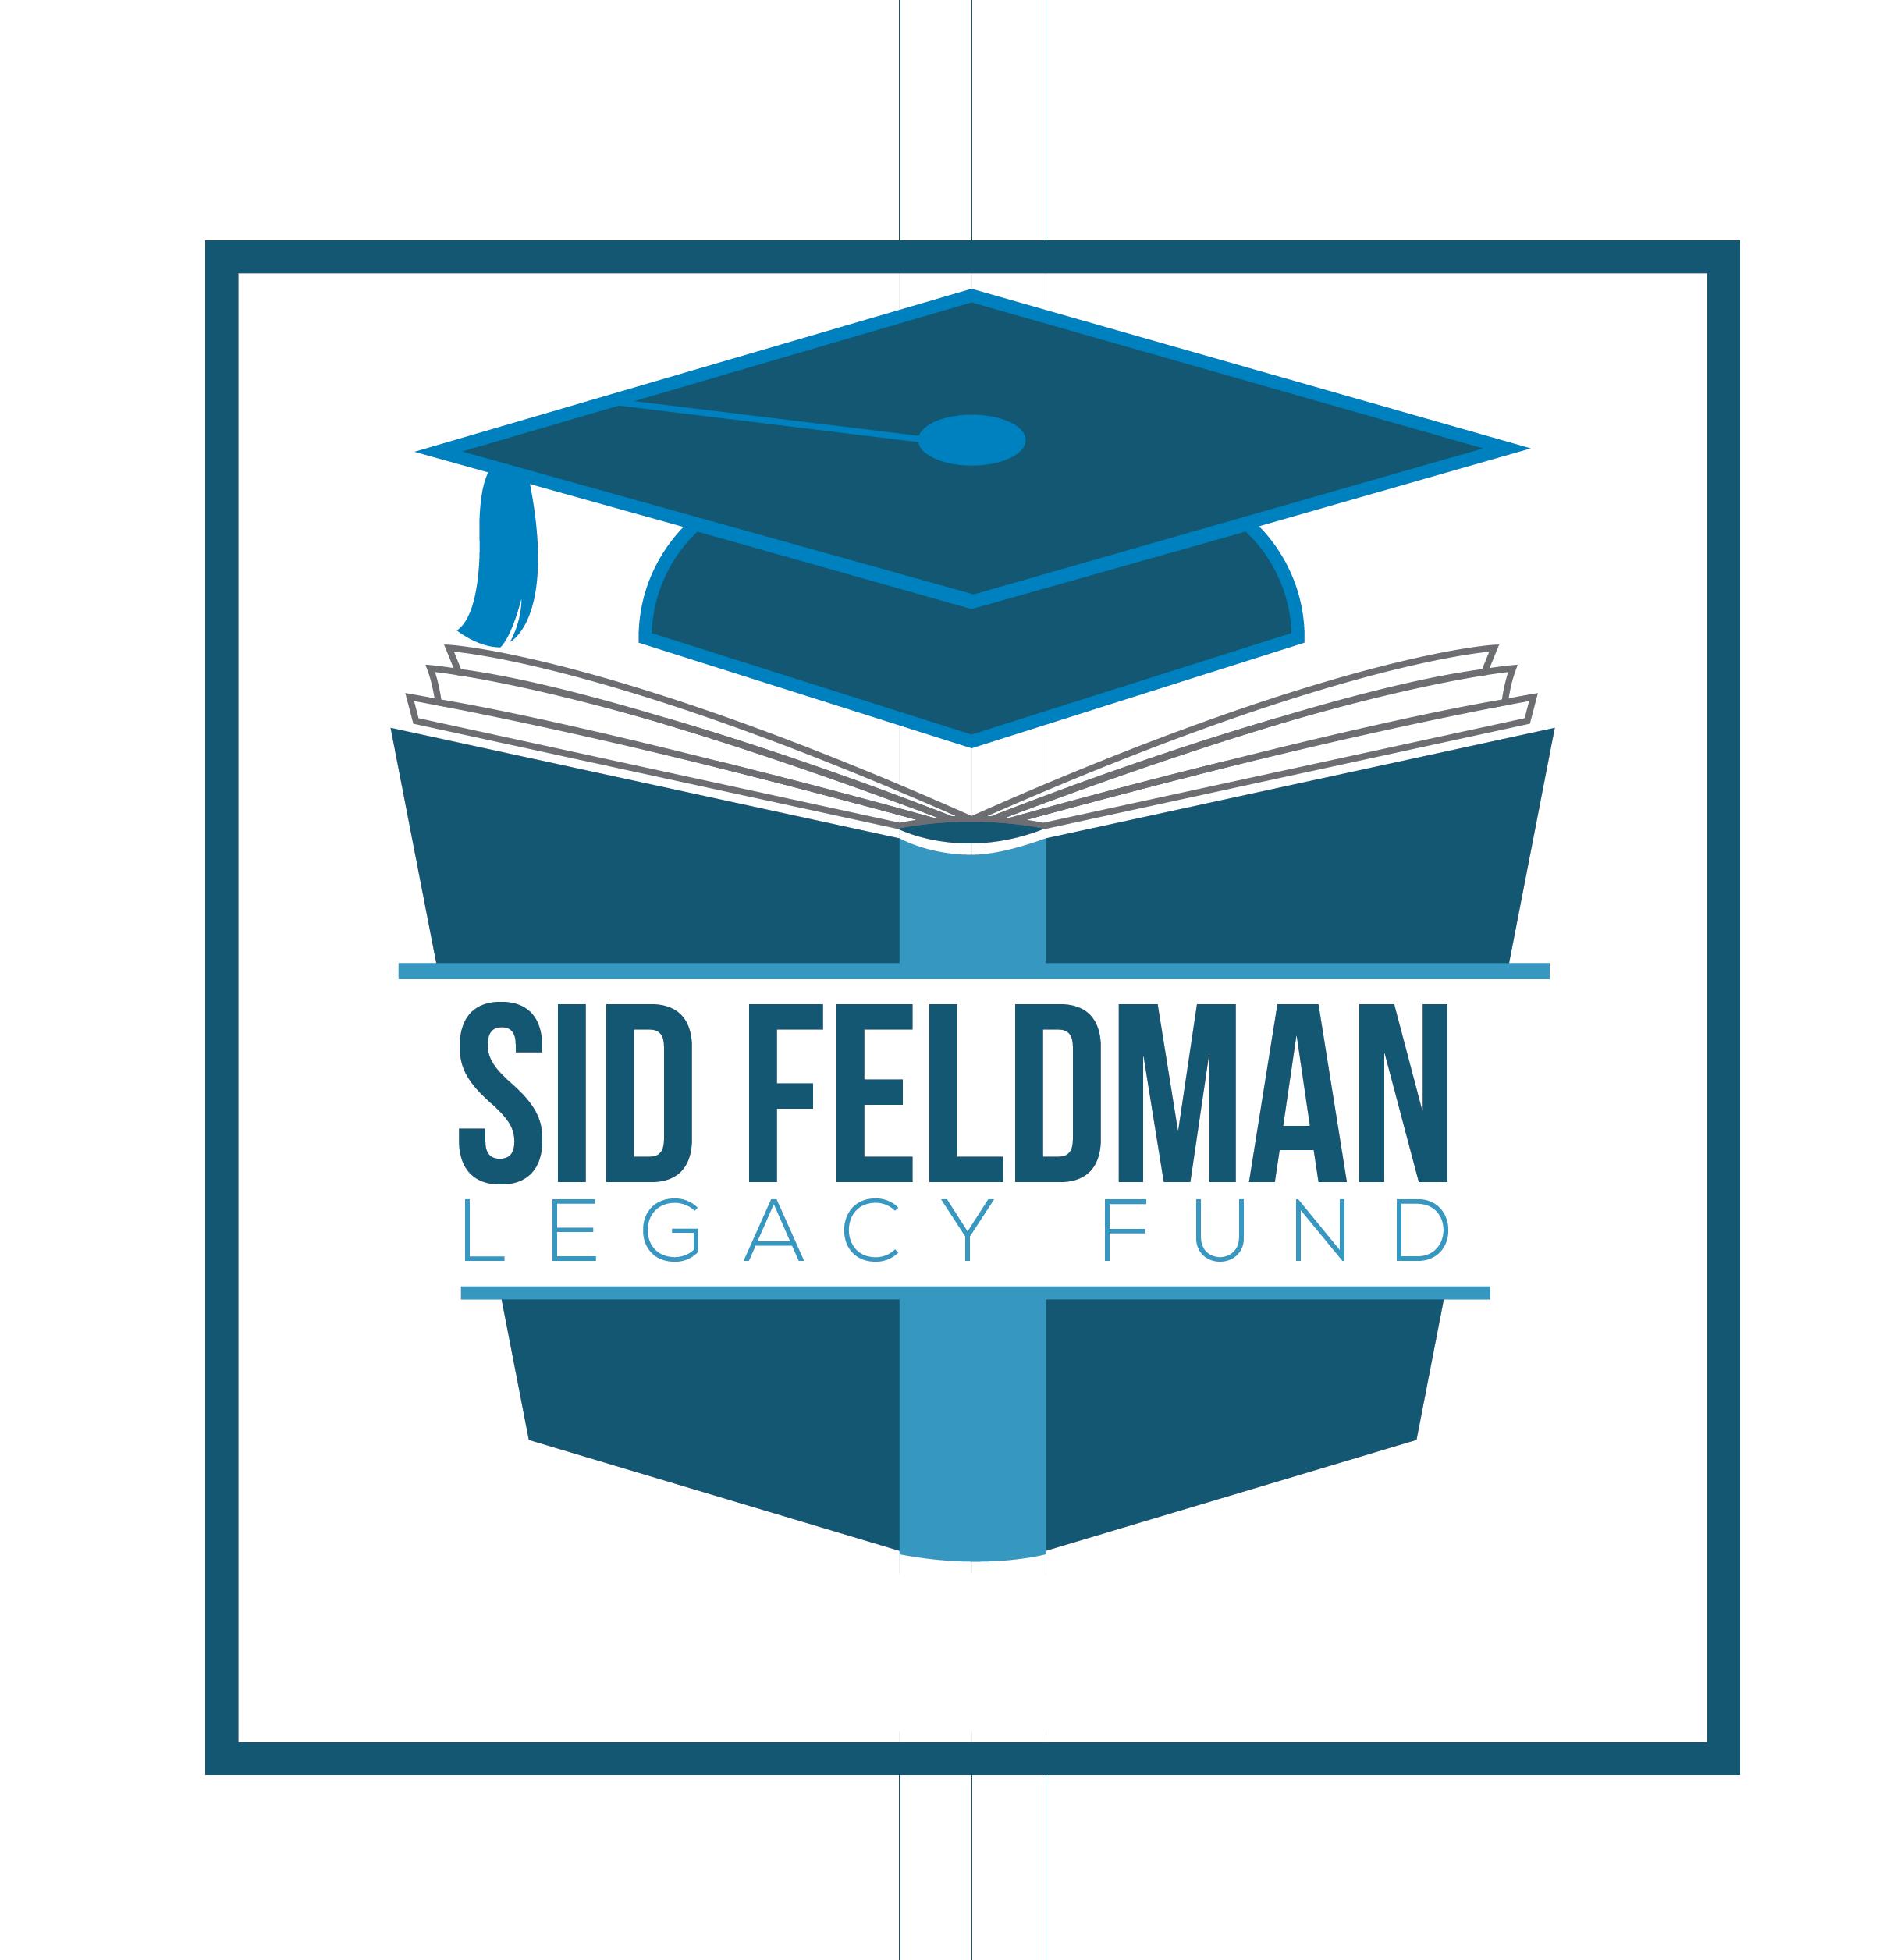 Sidfund.org